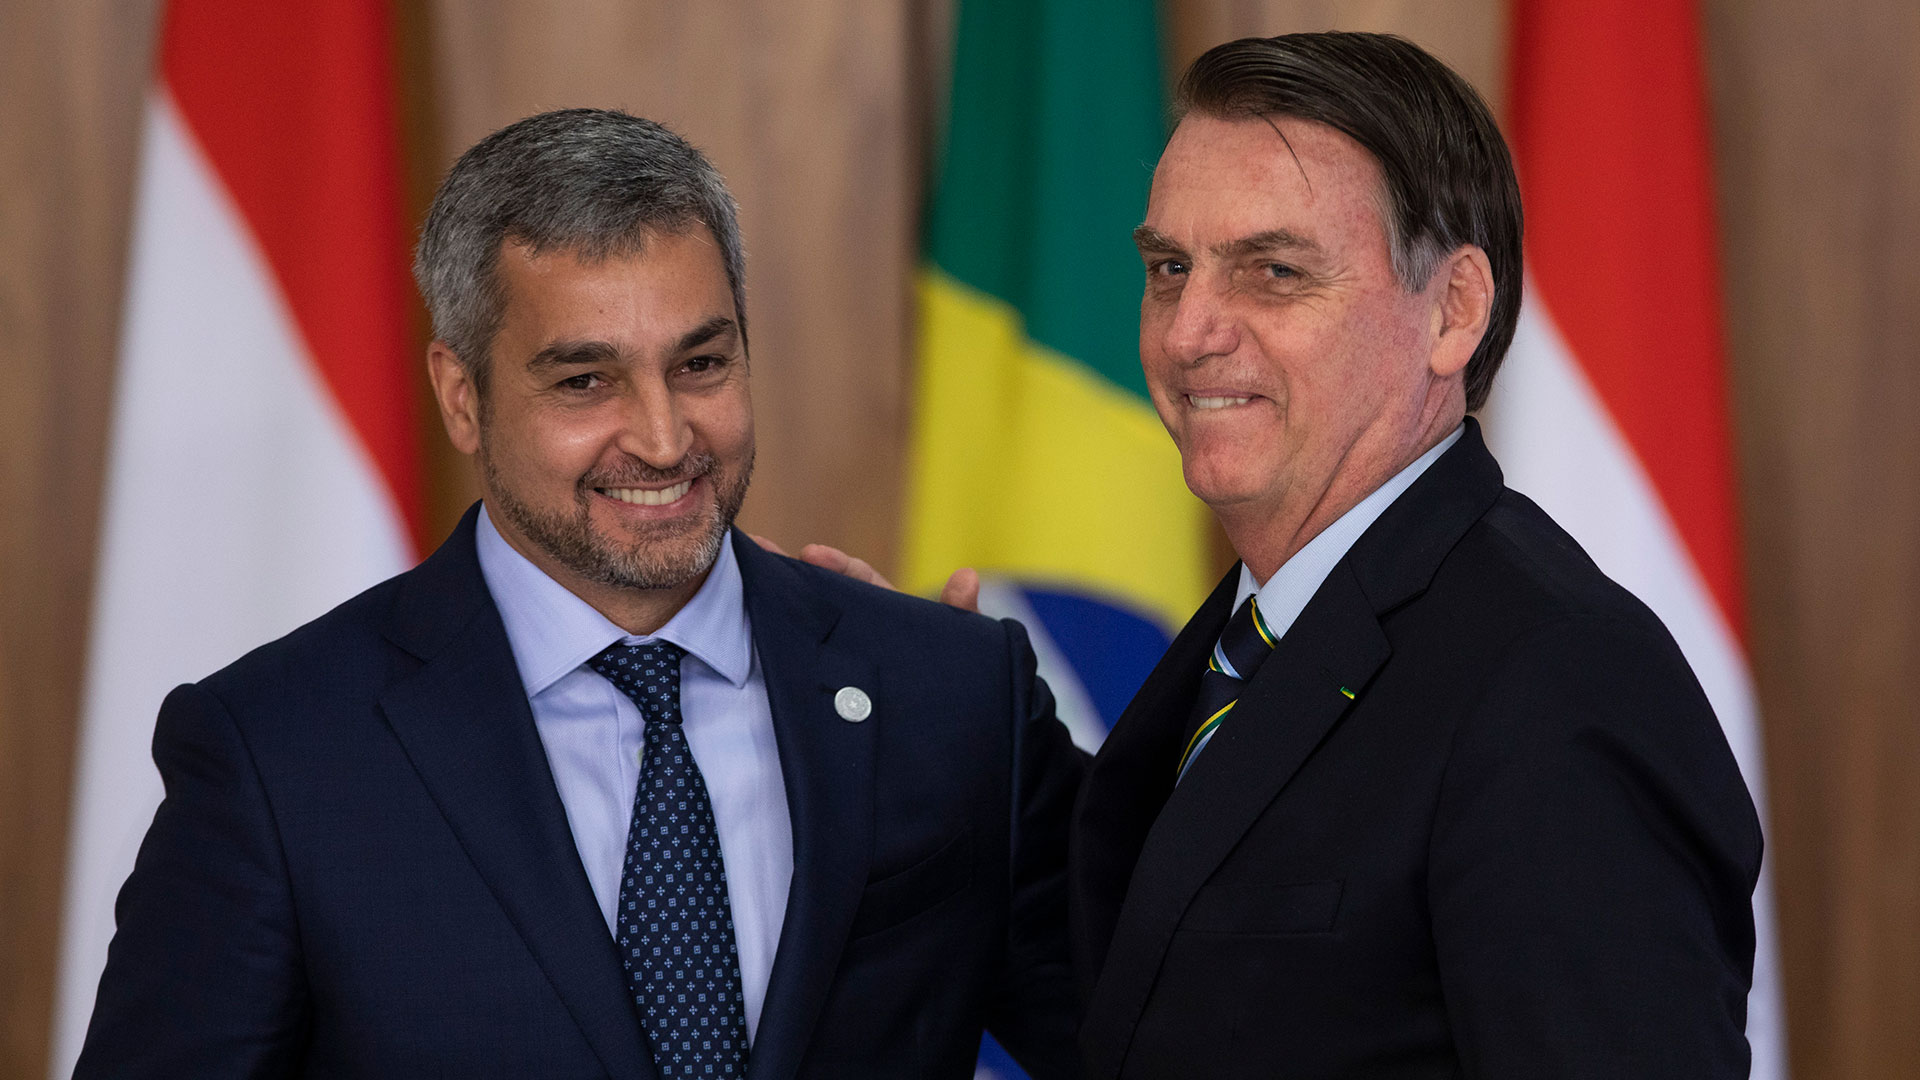 Presidentes de Paraguay y Brasil acuerdan abrir fronteras Antes del 15 de octubre de forma gradual